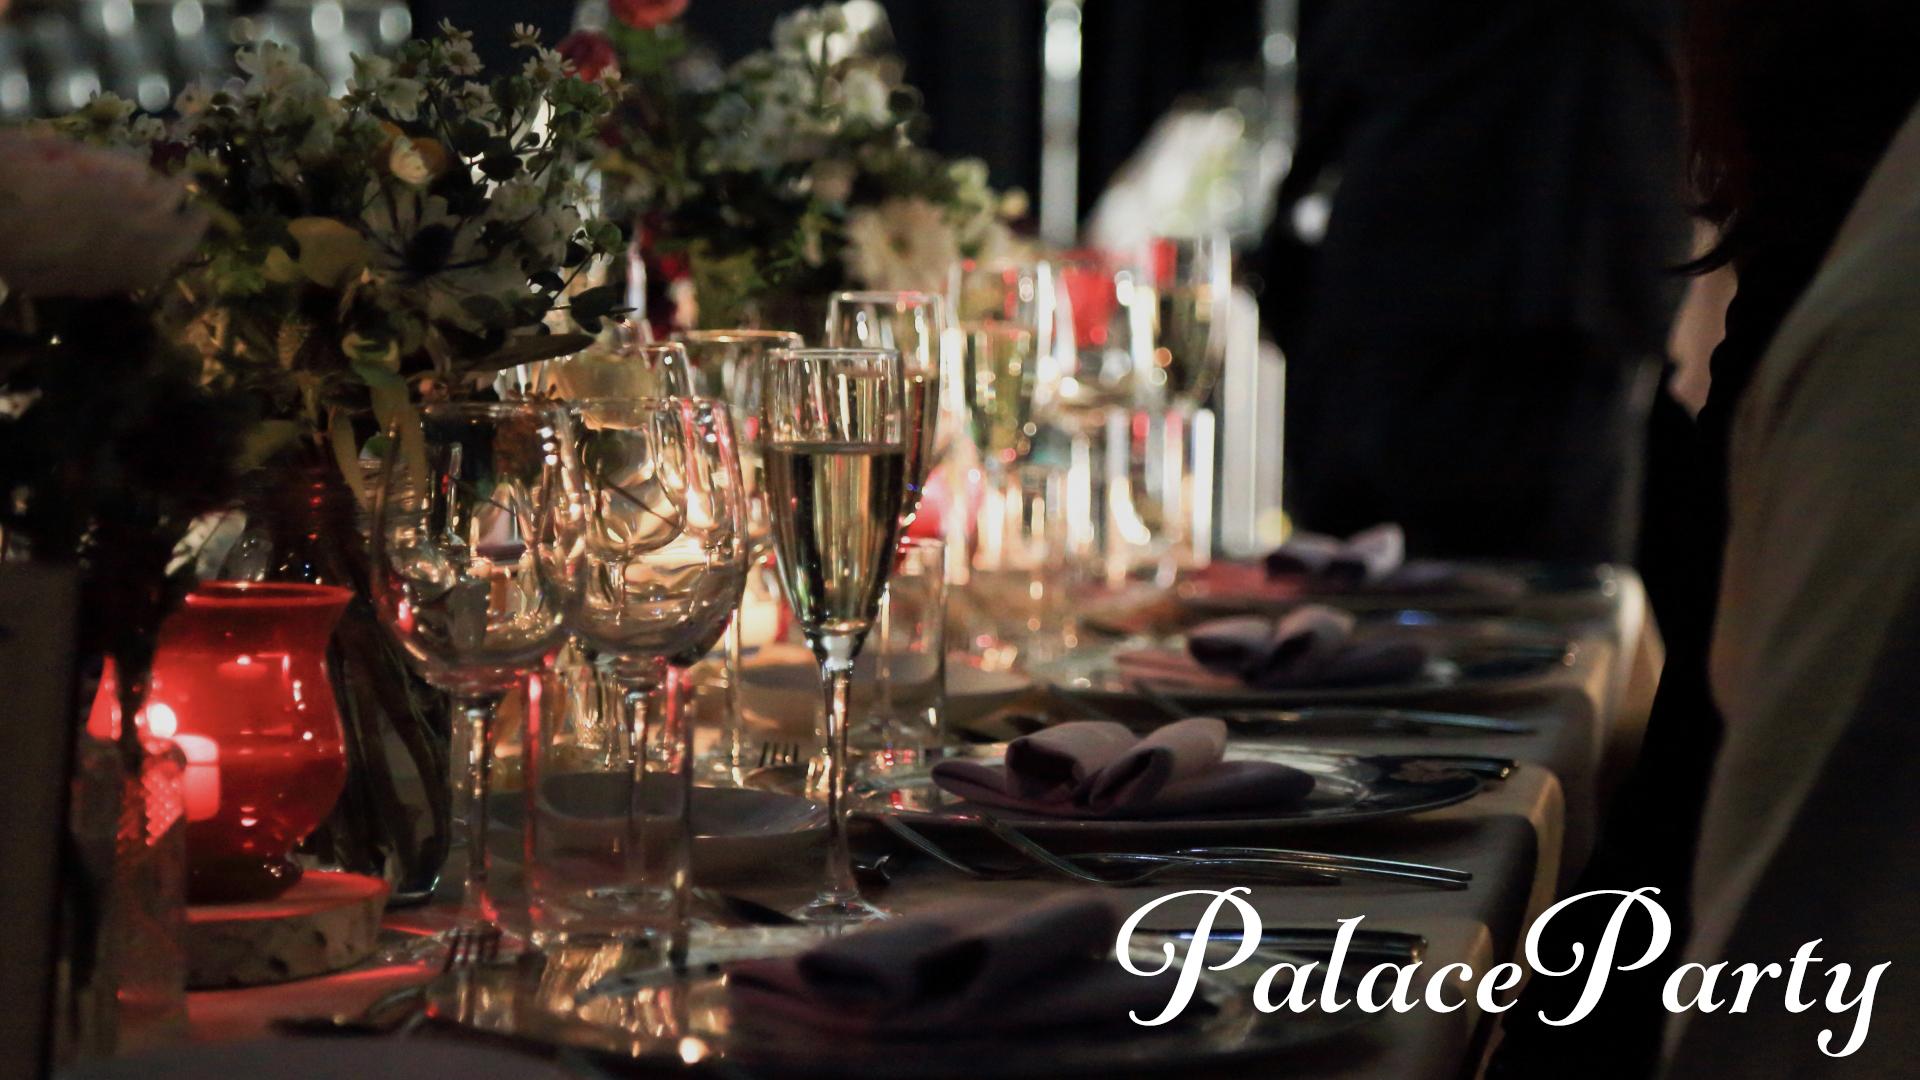 パレスパーティーイメージ